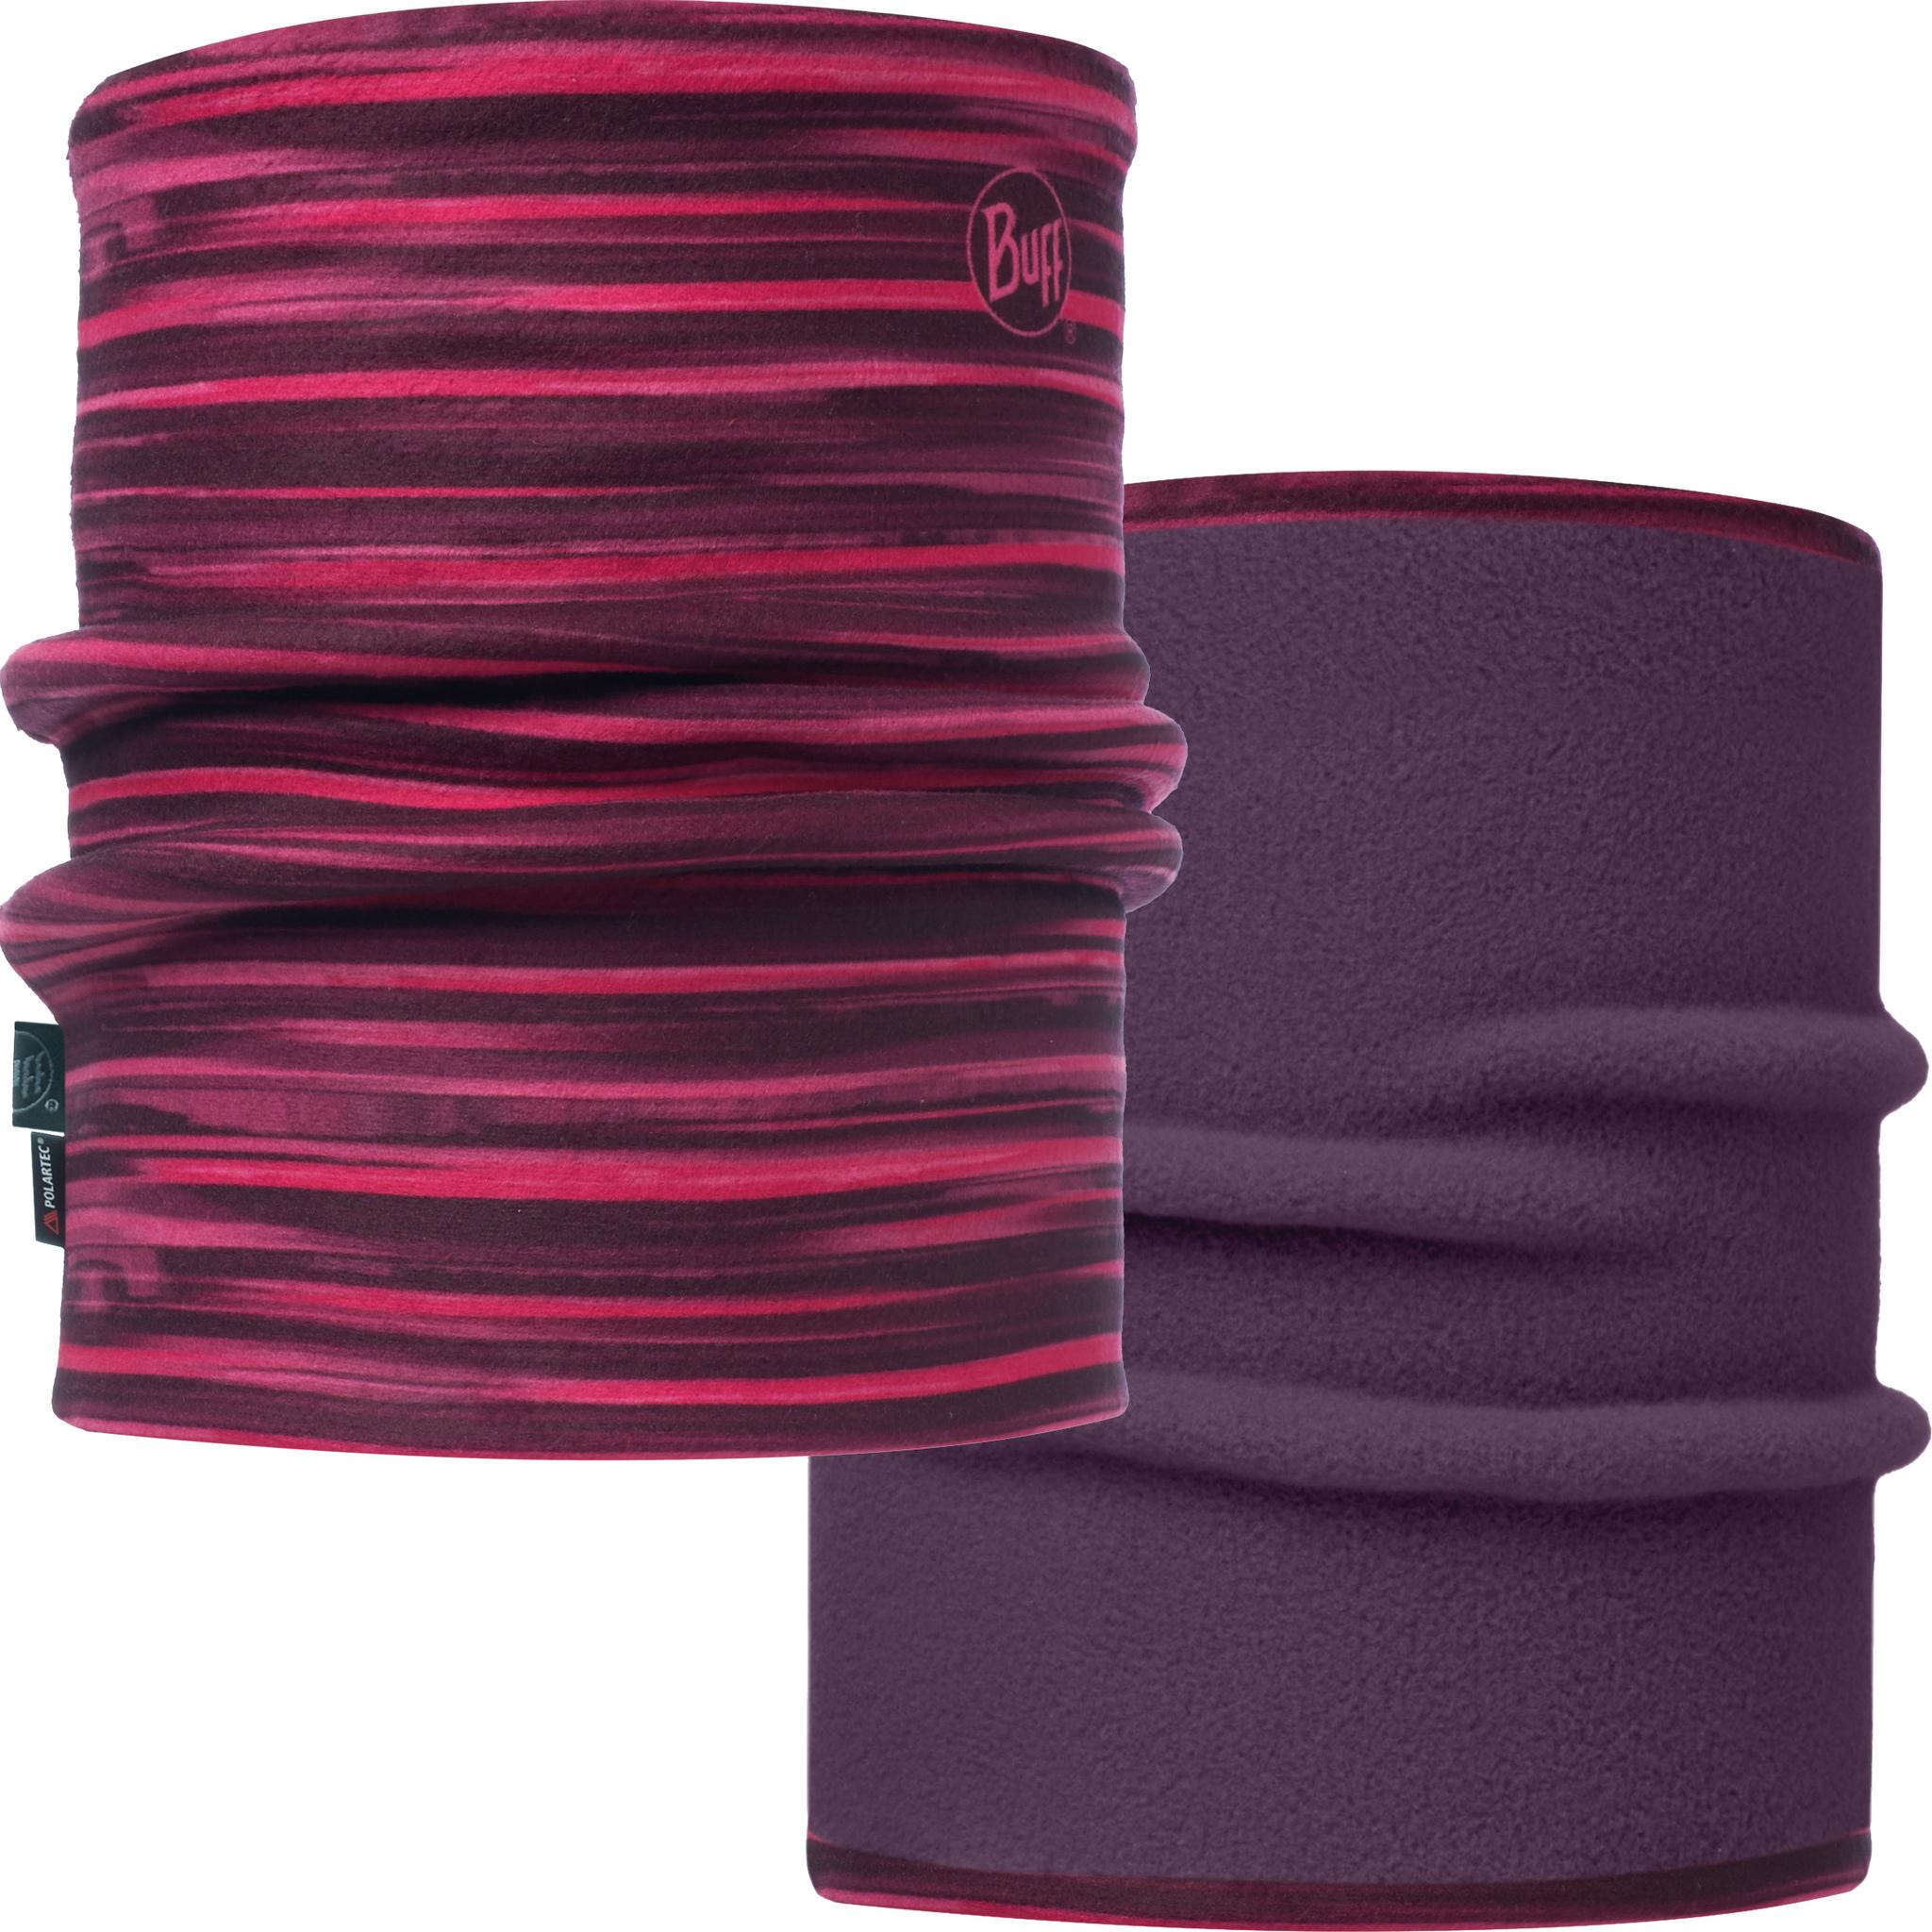 Флисовые шарфы Шарф-труба с подкладкой из флиса Buff Alyssa Pink 115322.538.10.00_1.jpg